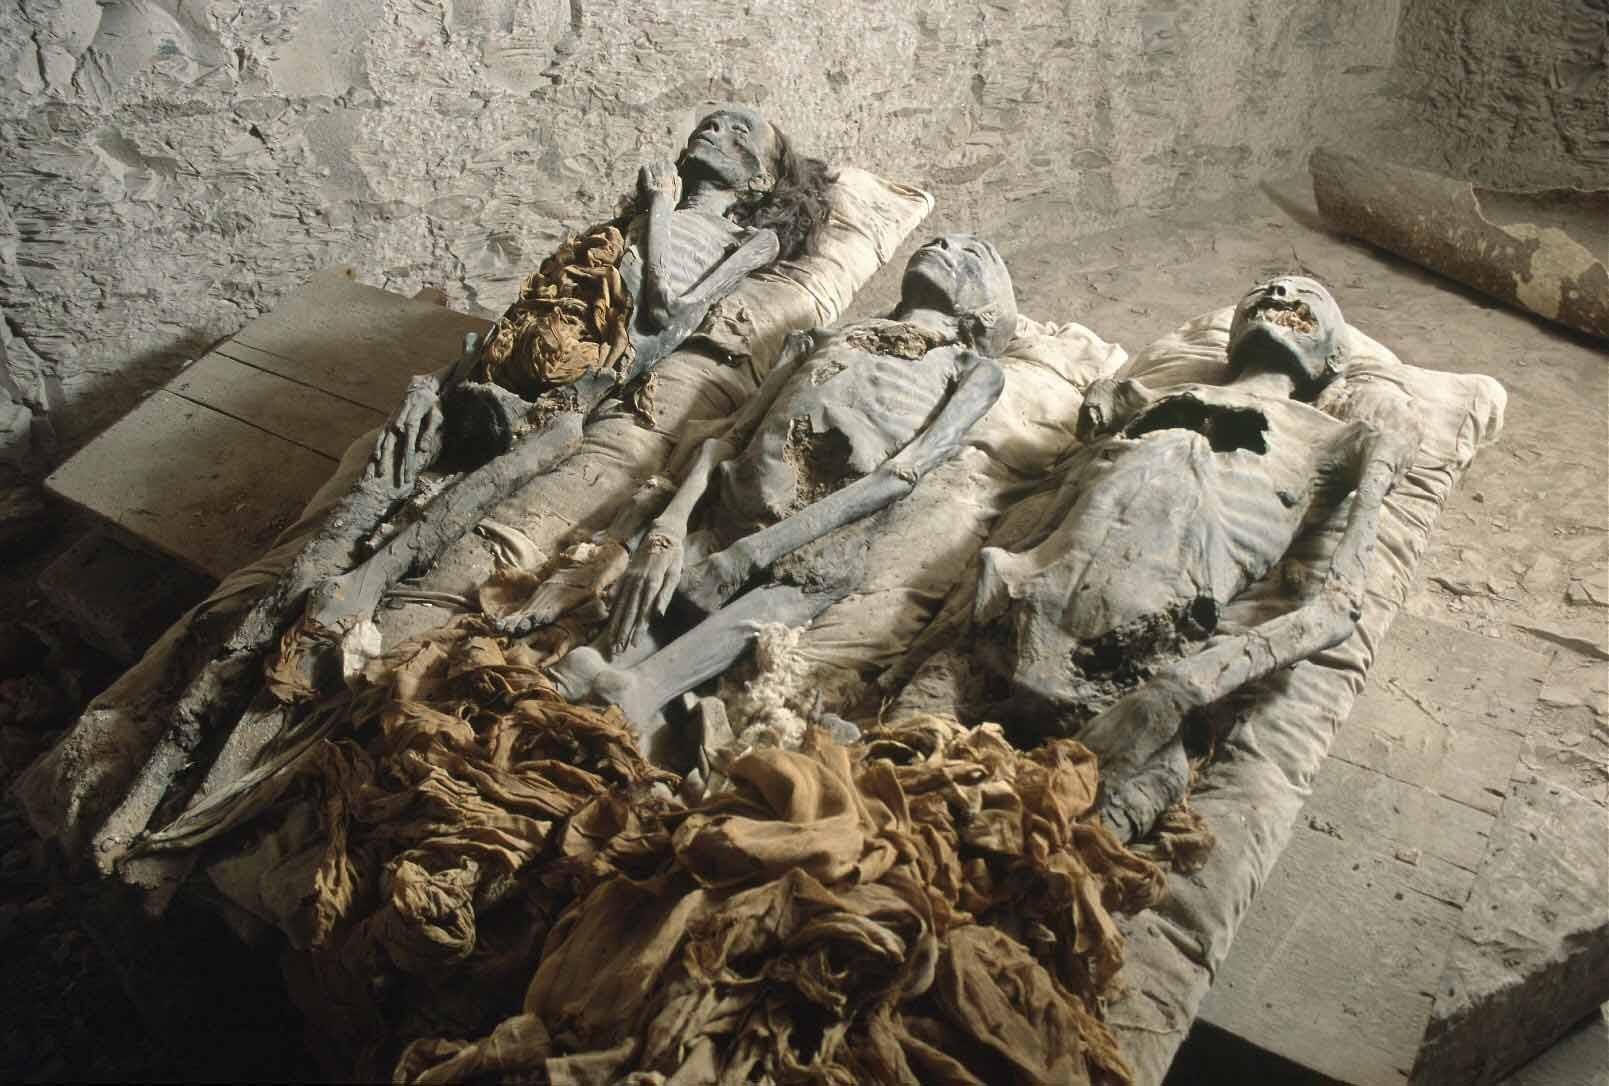 """KV35 mezarında keşfedilen 3 mumya. Sırasıyla, en solda Kraliçe Tiye'te ait """"Yaşlı Kadın"""" mumyası, ortada Webensenu ya da Prens Thutmose olduğu düşünülen genç çocuk mumyası ve en sağda Nefertiti olduğu düşünülen """"Genç Kadın"""" mumyası. Fotoğraf: Discovery Channel Arşivi"""